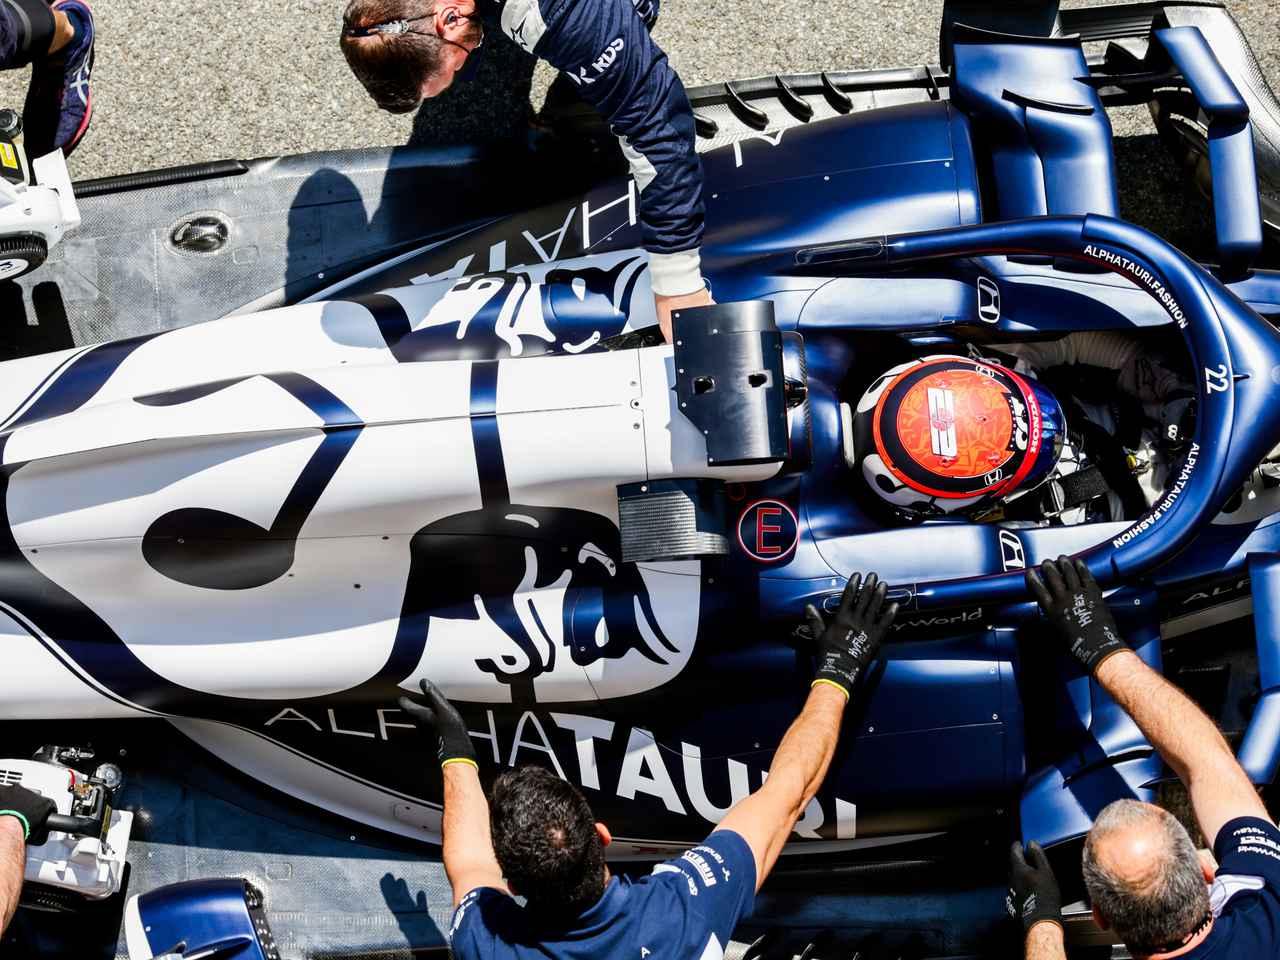 2021年F1第4戦スペインGP、角田はほんの小さなミスでQ1敗退、16番手スタートと試練が続く【モータースポーツ】